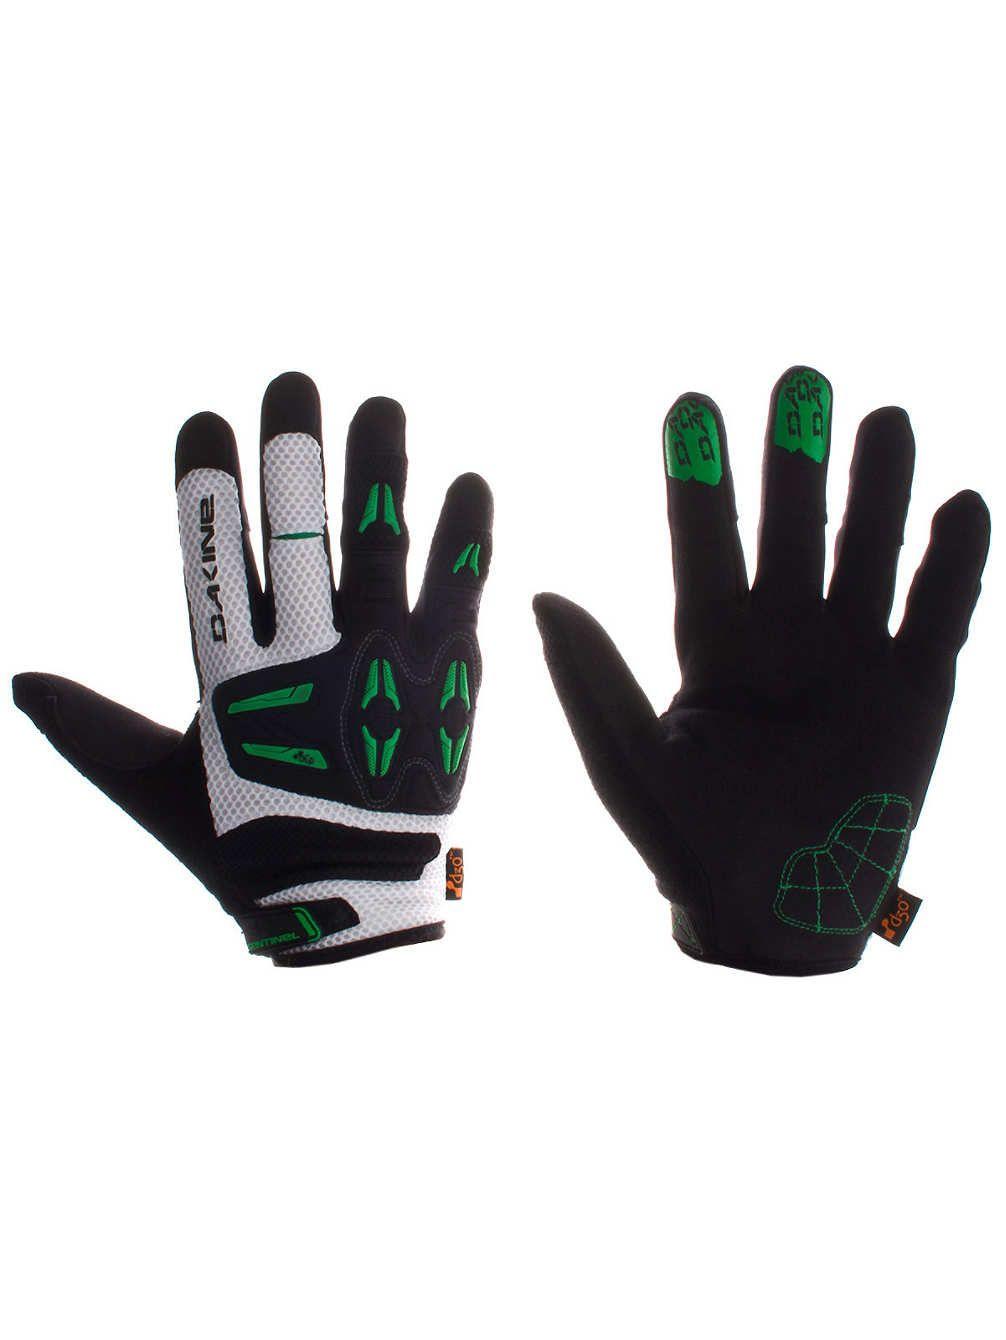 Compra Dakine Sentinel Gloves - 100048 online